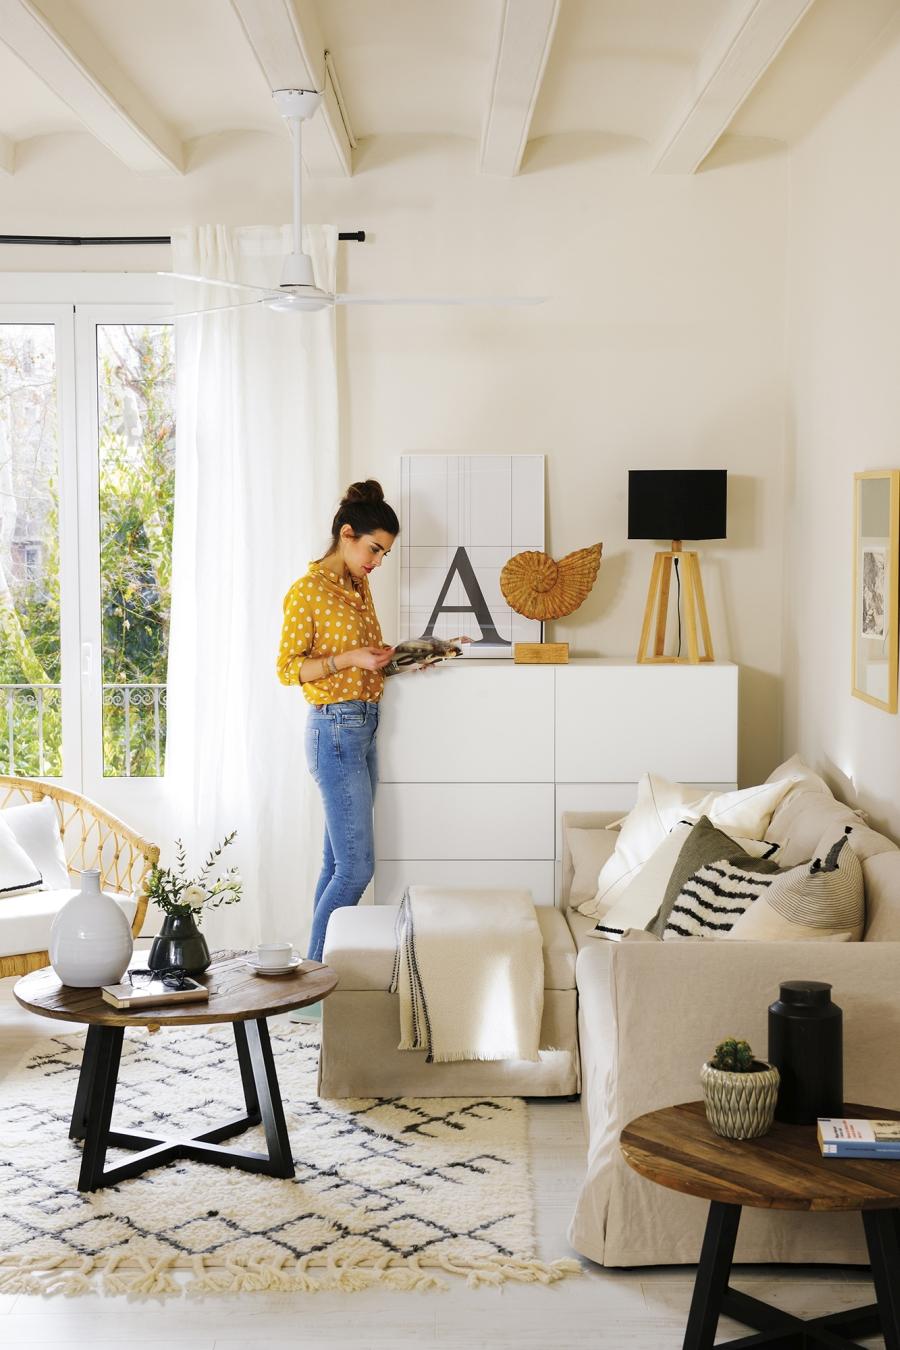 Czerń i biel w przytulnej aranżacji - wystrój wnętrz, wnętrza, urządzanie mieszkania, dom, home decor, dekoracje, aranżacje, minty inspirations, styl skandynawski, scandinavian style, biała wnętrza, małe wnętrza, małe mieszkanie, otwarta przestrzeń, czerń i biel, balck & white, naturalne drewno, naturalne materiały, salon, pokój dzienny, living room, drewniany stolik kawowy, dywan, kanapa